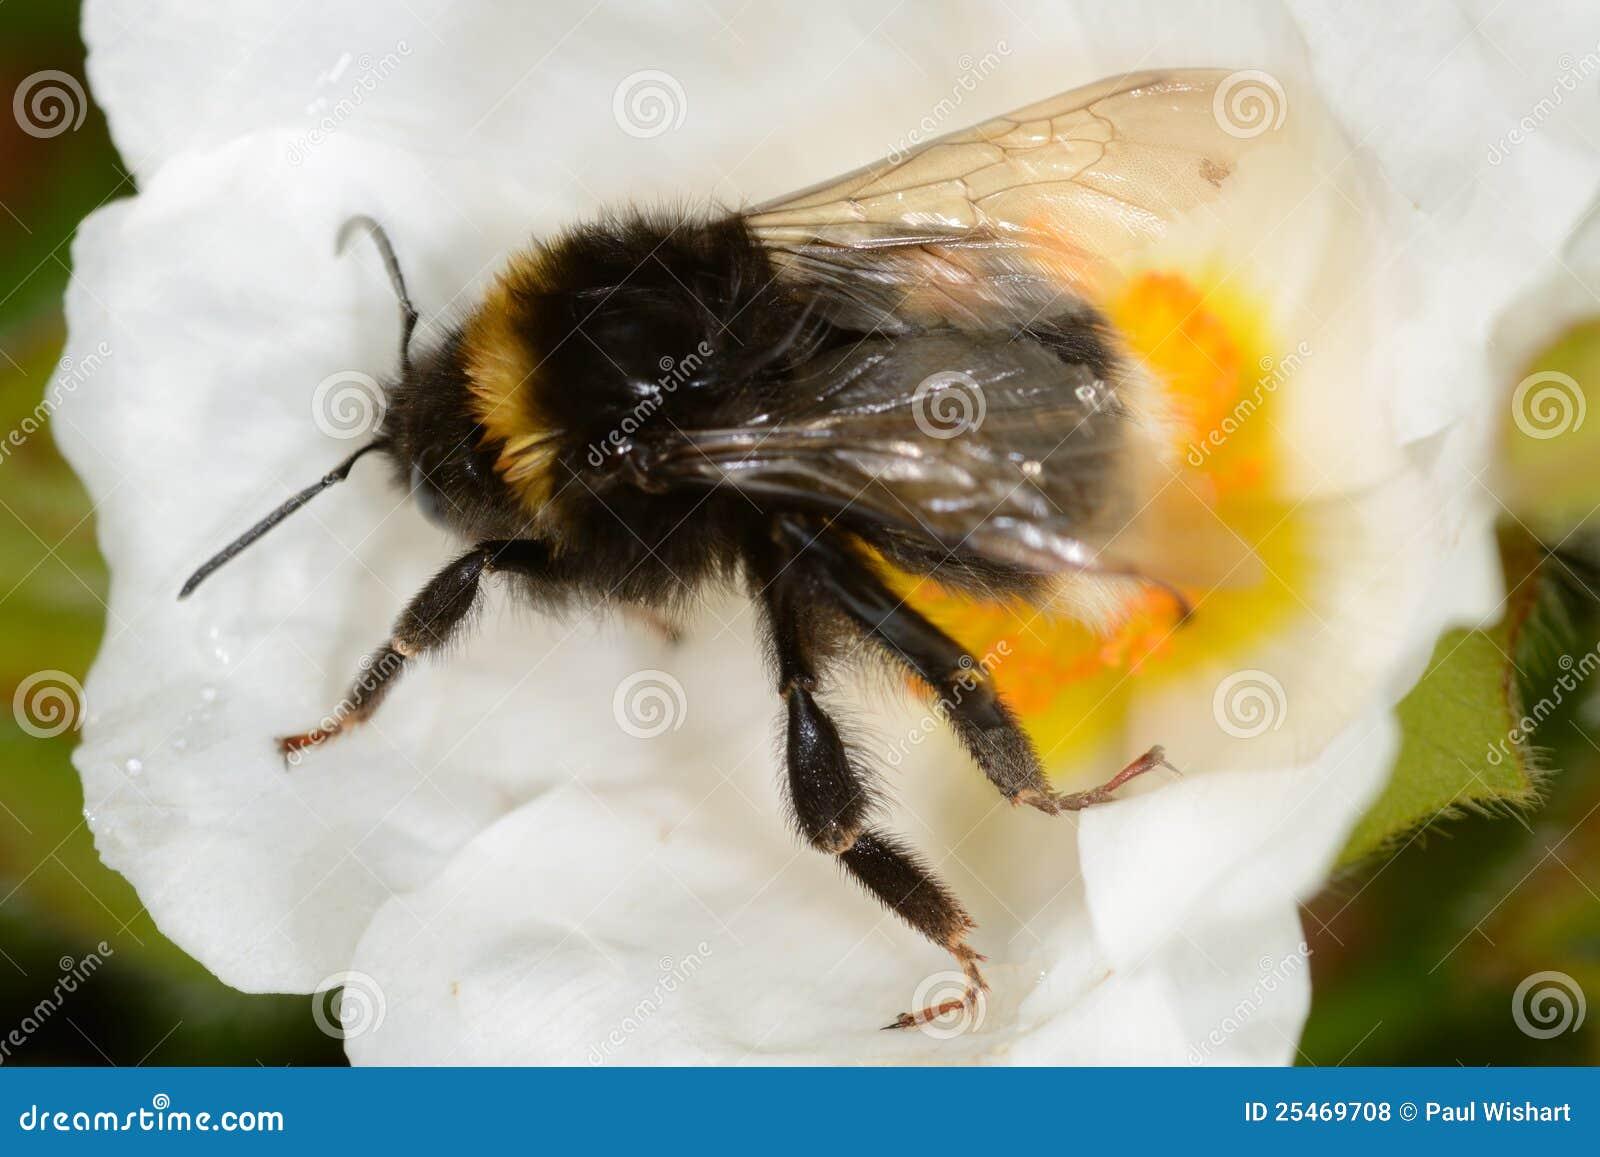 Bumble a abelha na flor branca